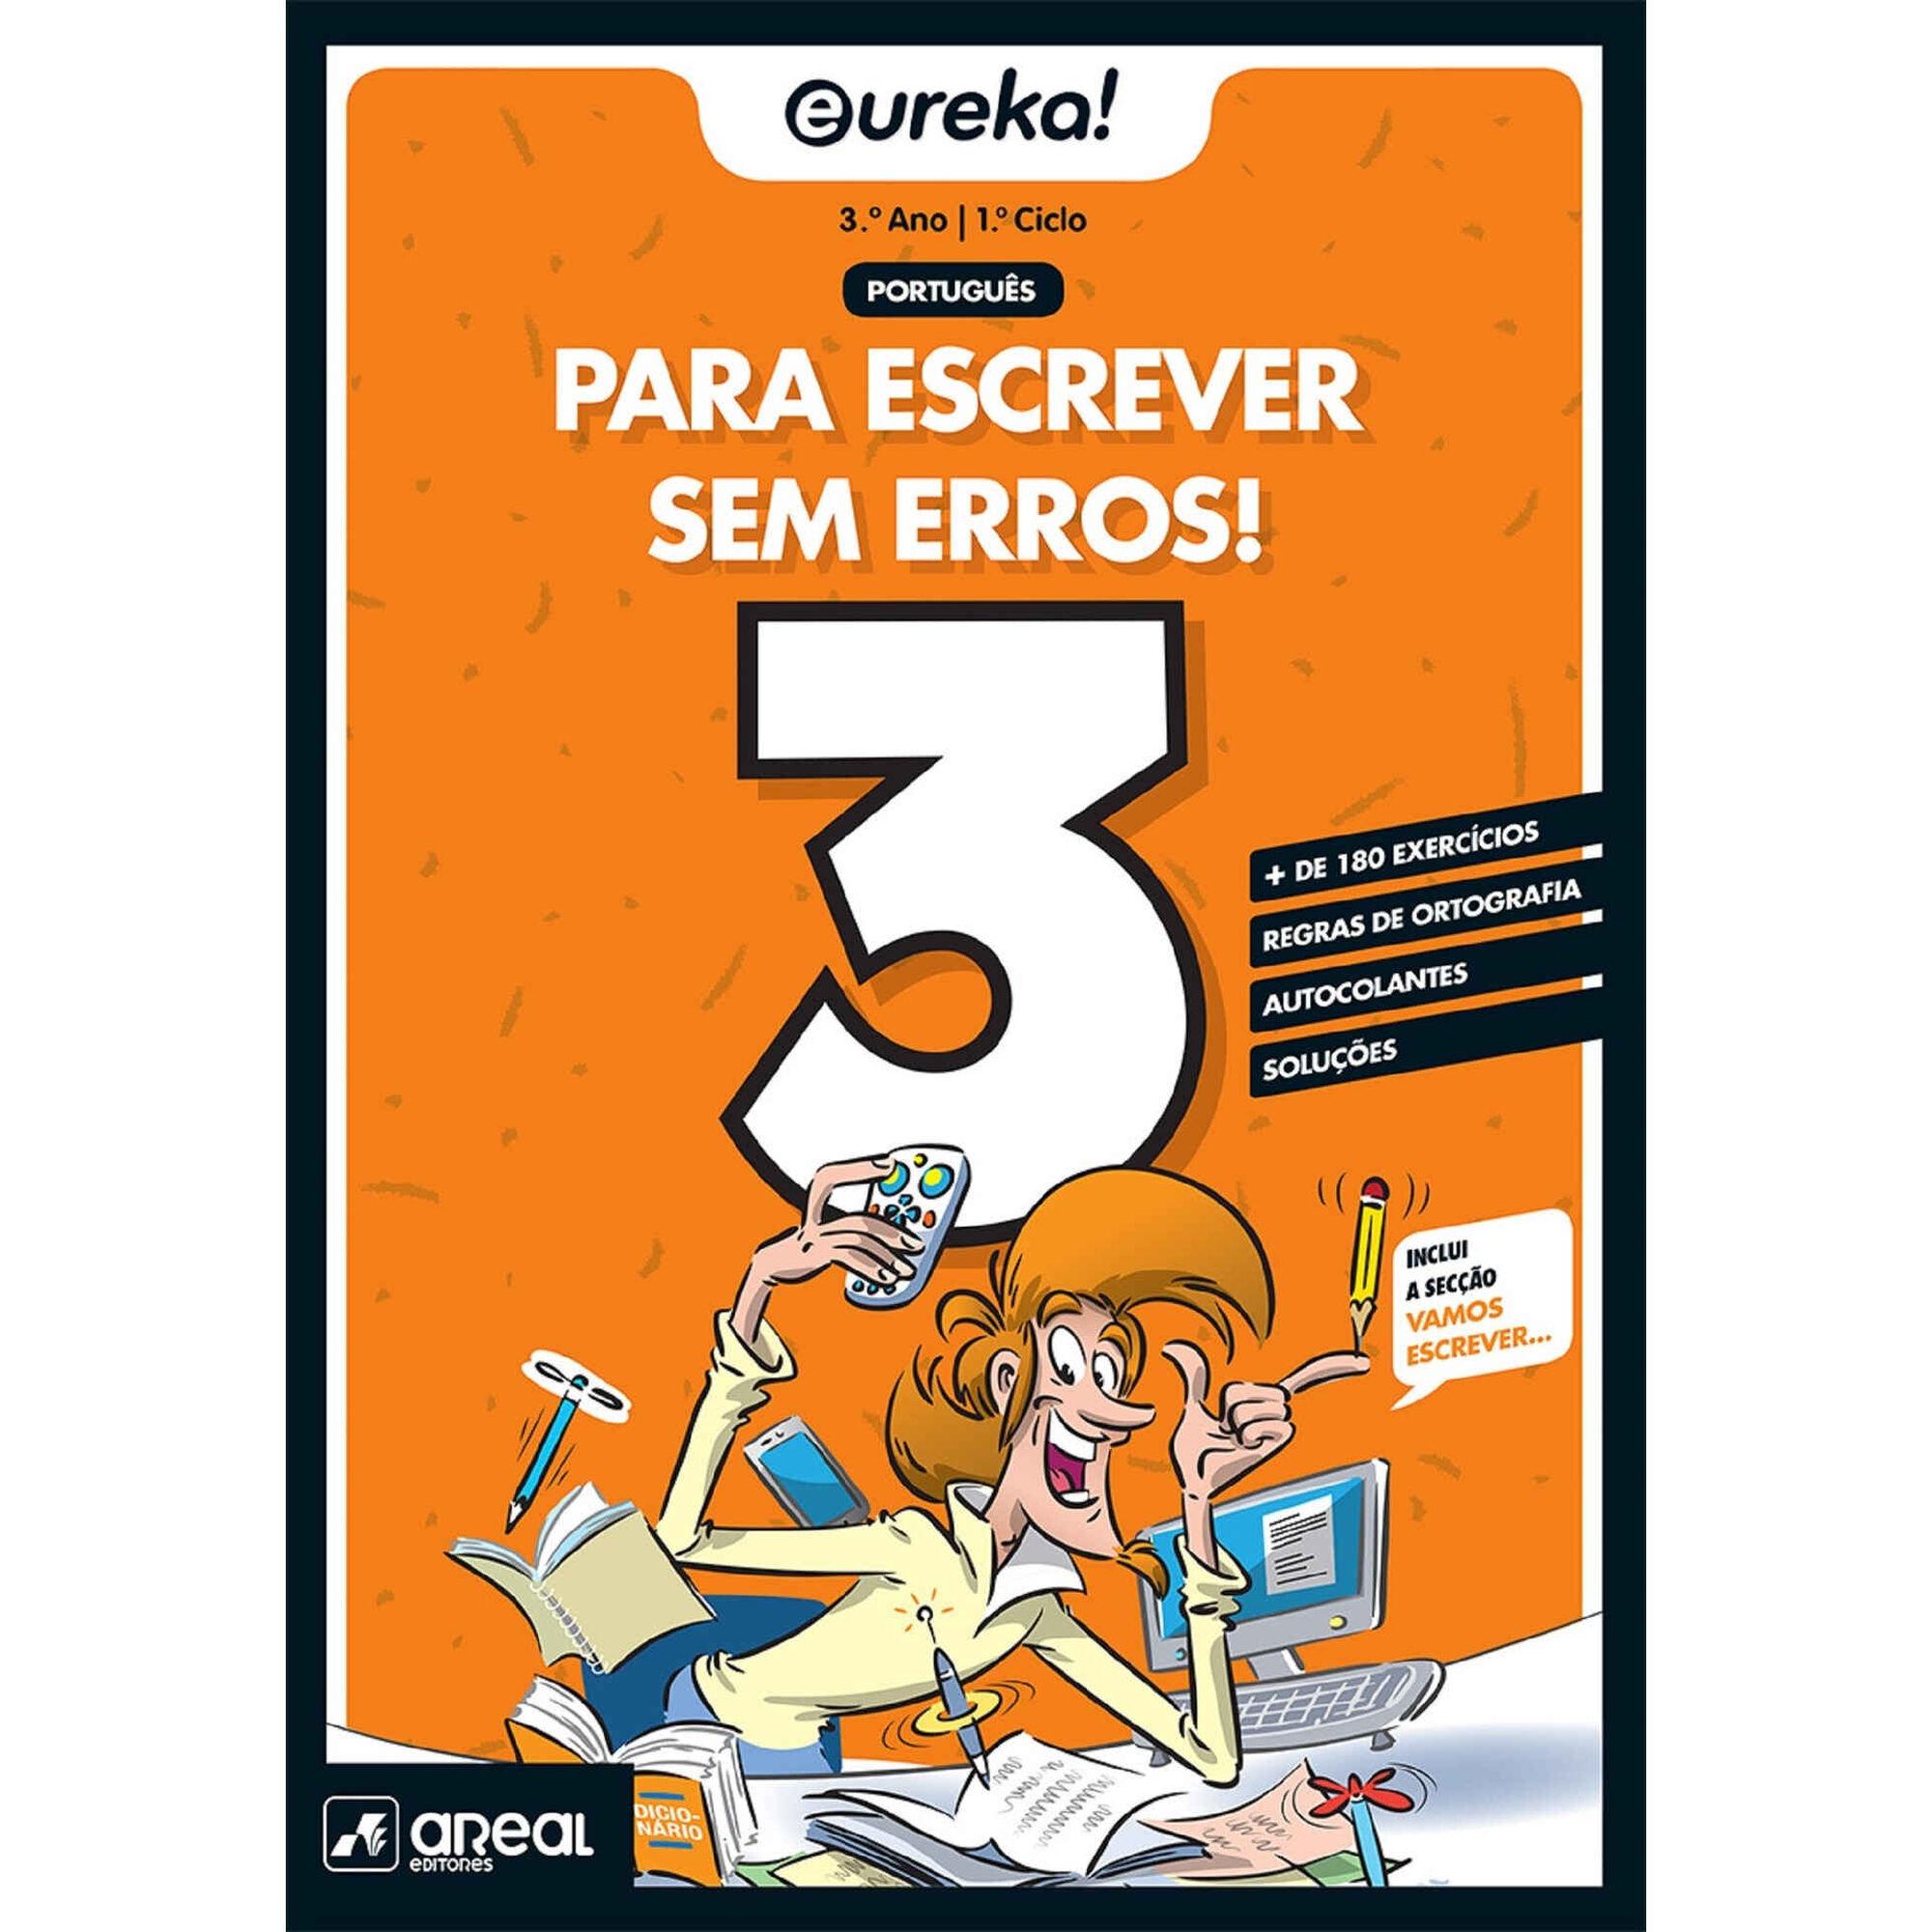 Eureka! - Para Escrever Sem Erros  - 3º Ano